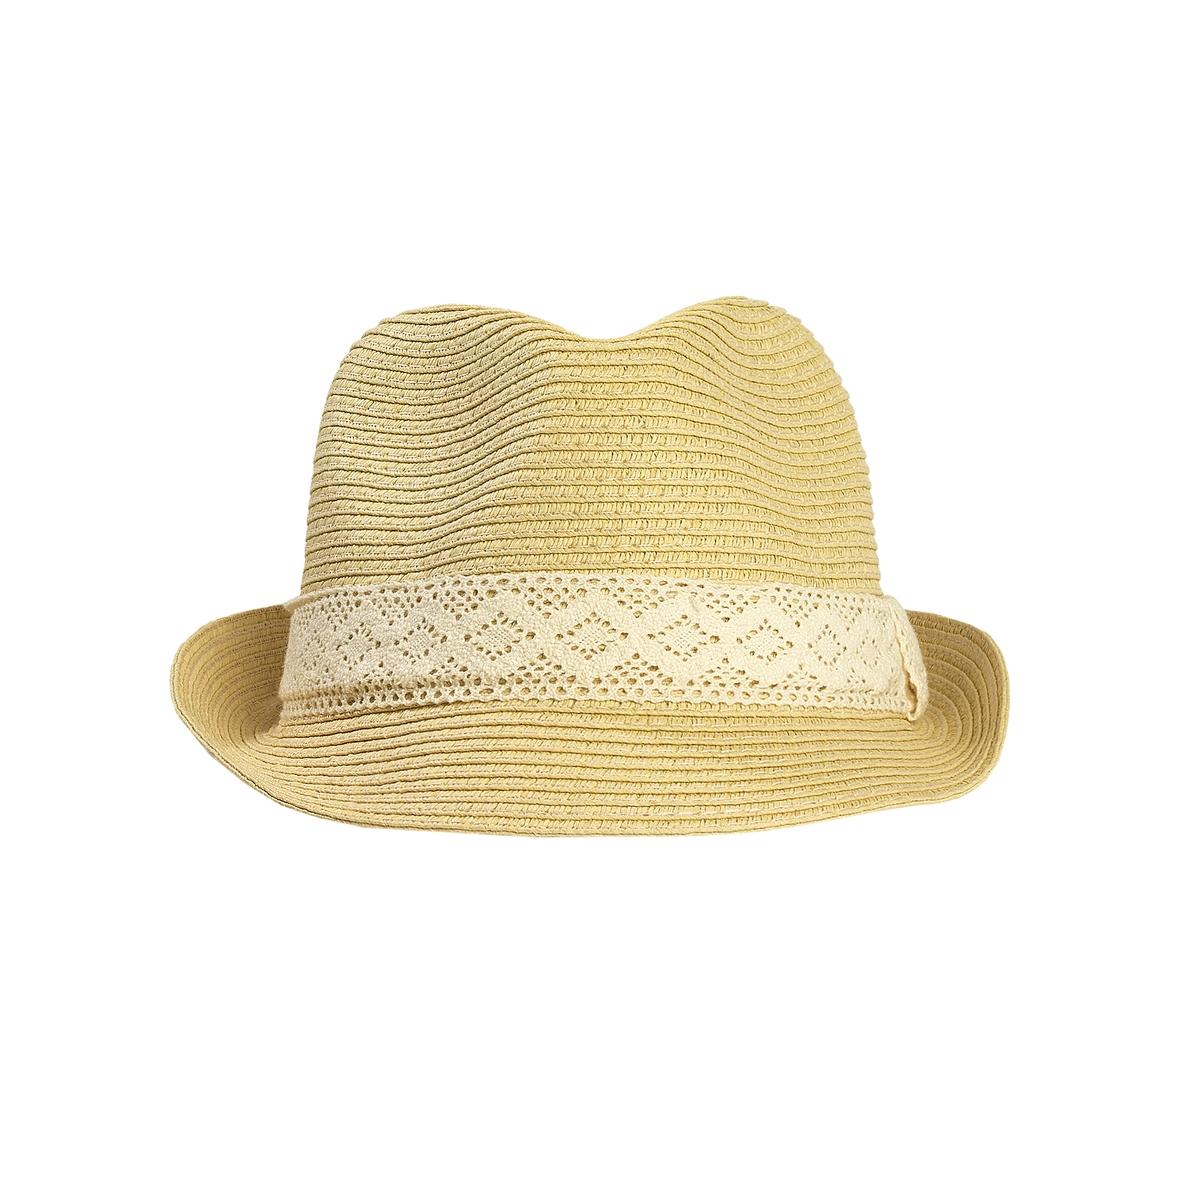 Шляпа-борсалино  соломеннаяСоломенная шляпа-борсалино, Mademoiselle R.Борсалино- модная тенденция, : воплощенная в  этой летней модели  из соломы и  украшенная симпатичным кружевным галуном .   Состав и описание :Материал : 100% соломыМарка : Mademoiselle R.Размеры : окружность головы 56 см отделка кружевным галуном<br><br>Цвет: серо-бежевый<br>Размер: единый размер